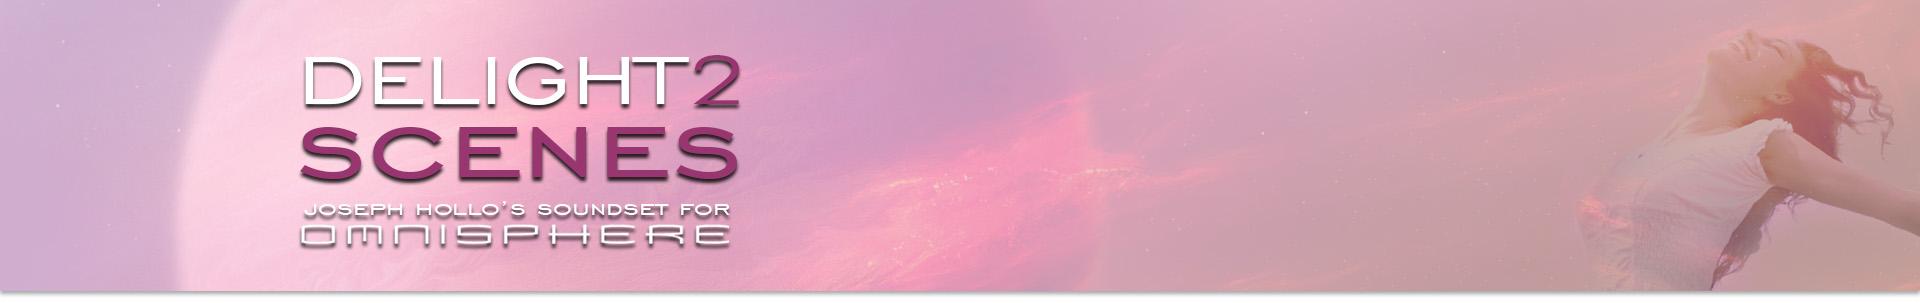 Delight2 Scenes for Omnisphere - Arte Nuovo